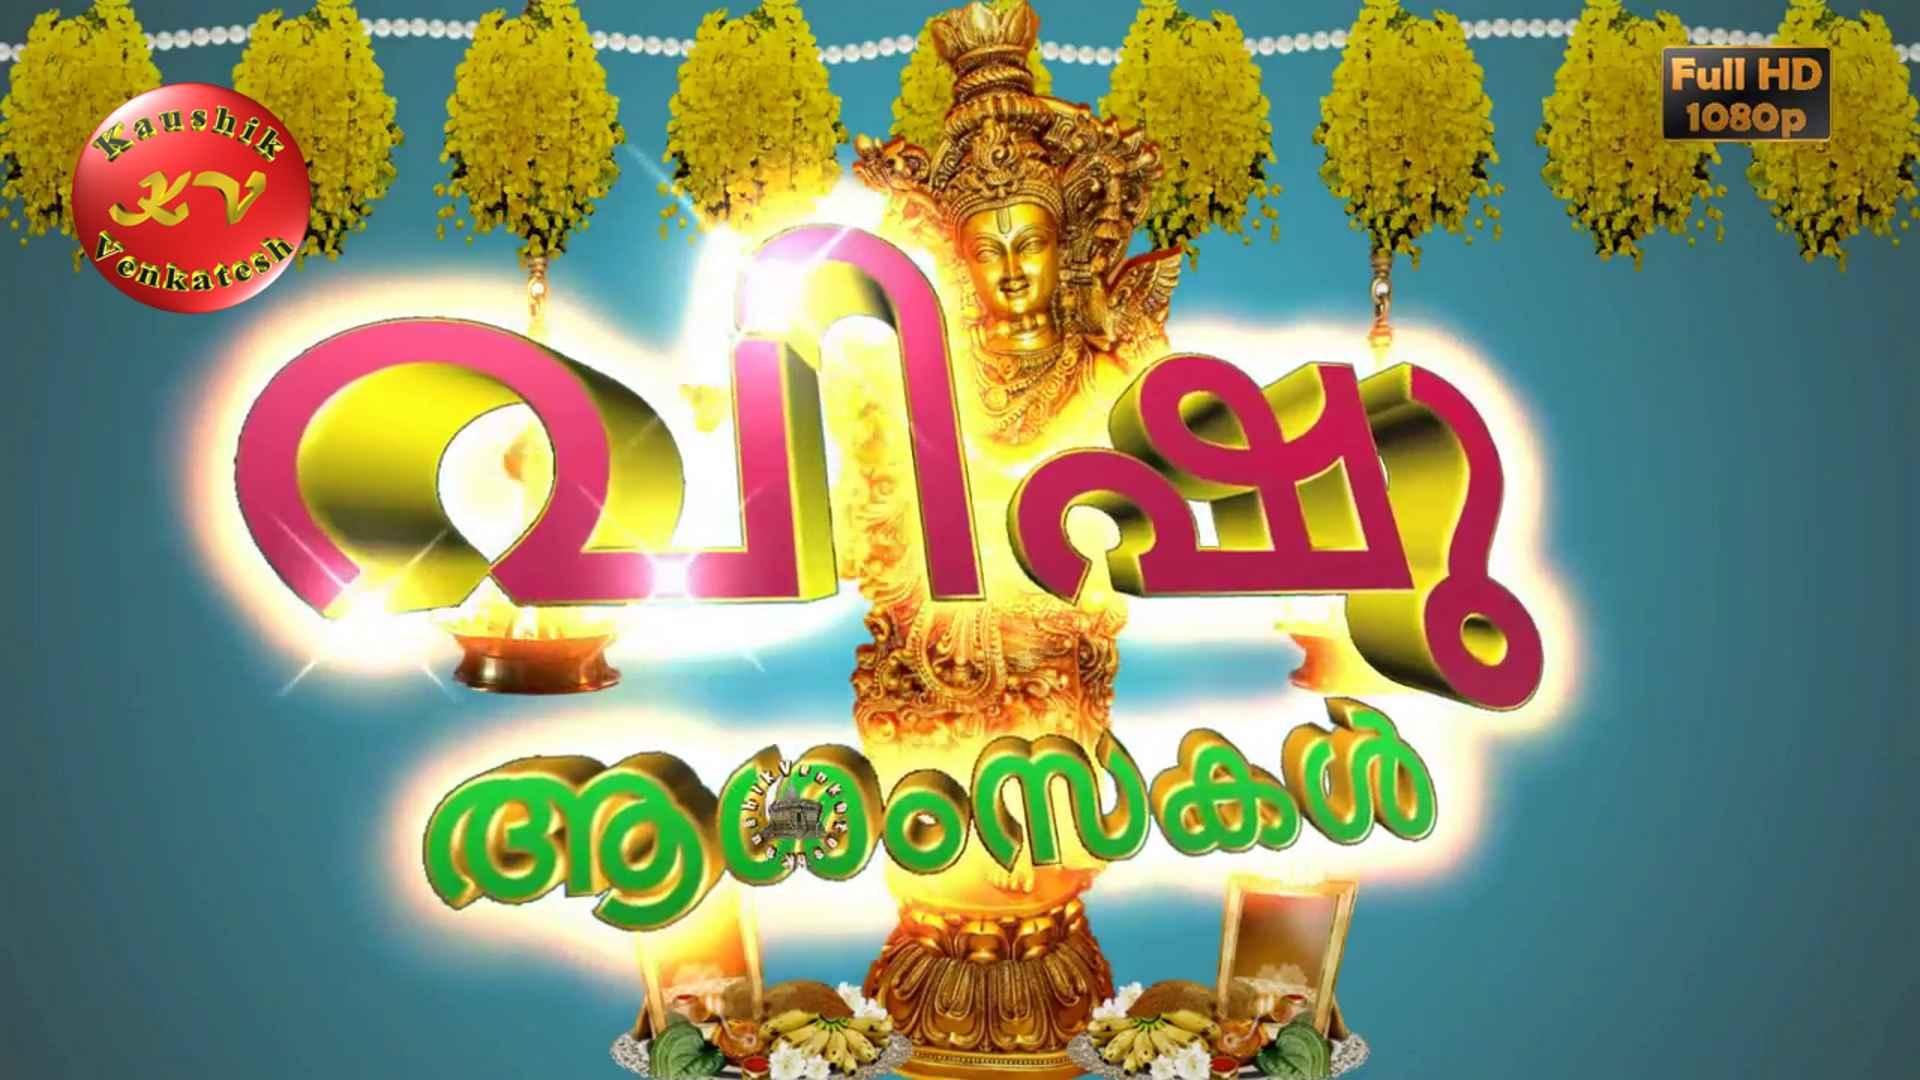 Vishu Wishes Images